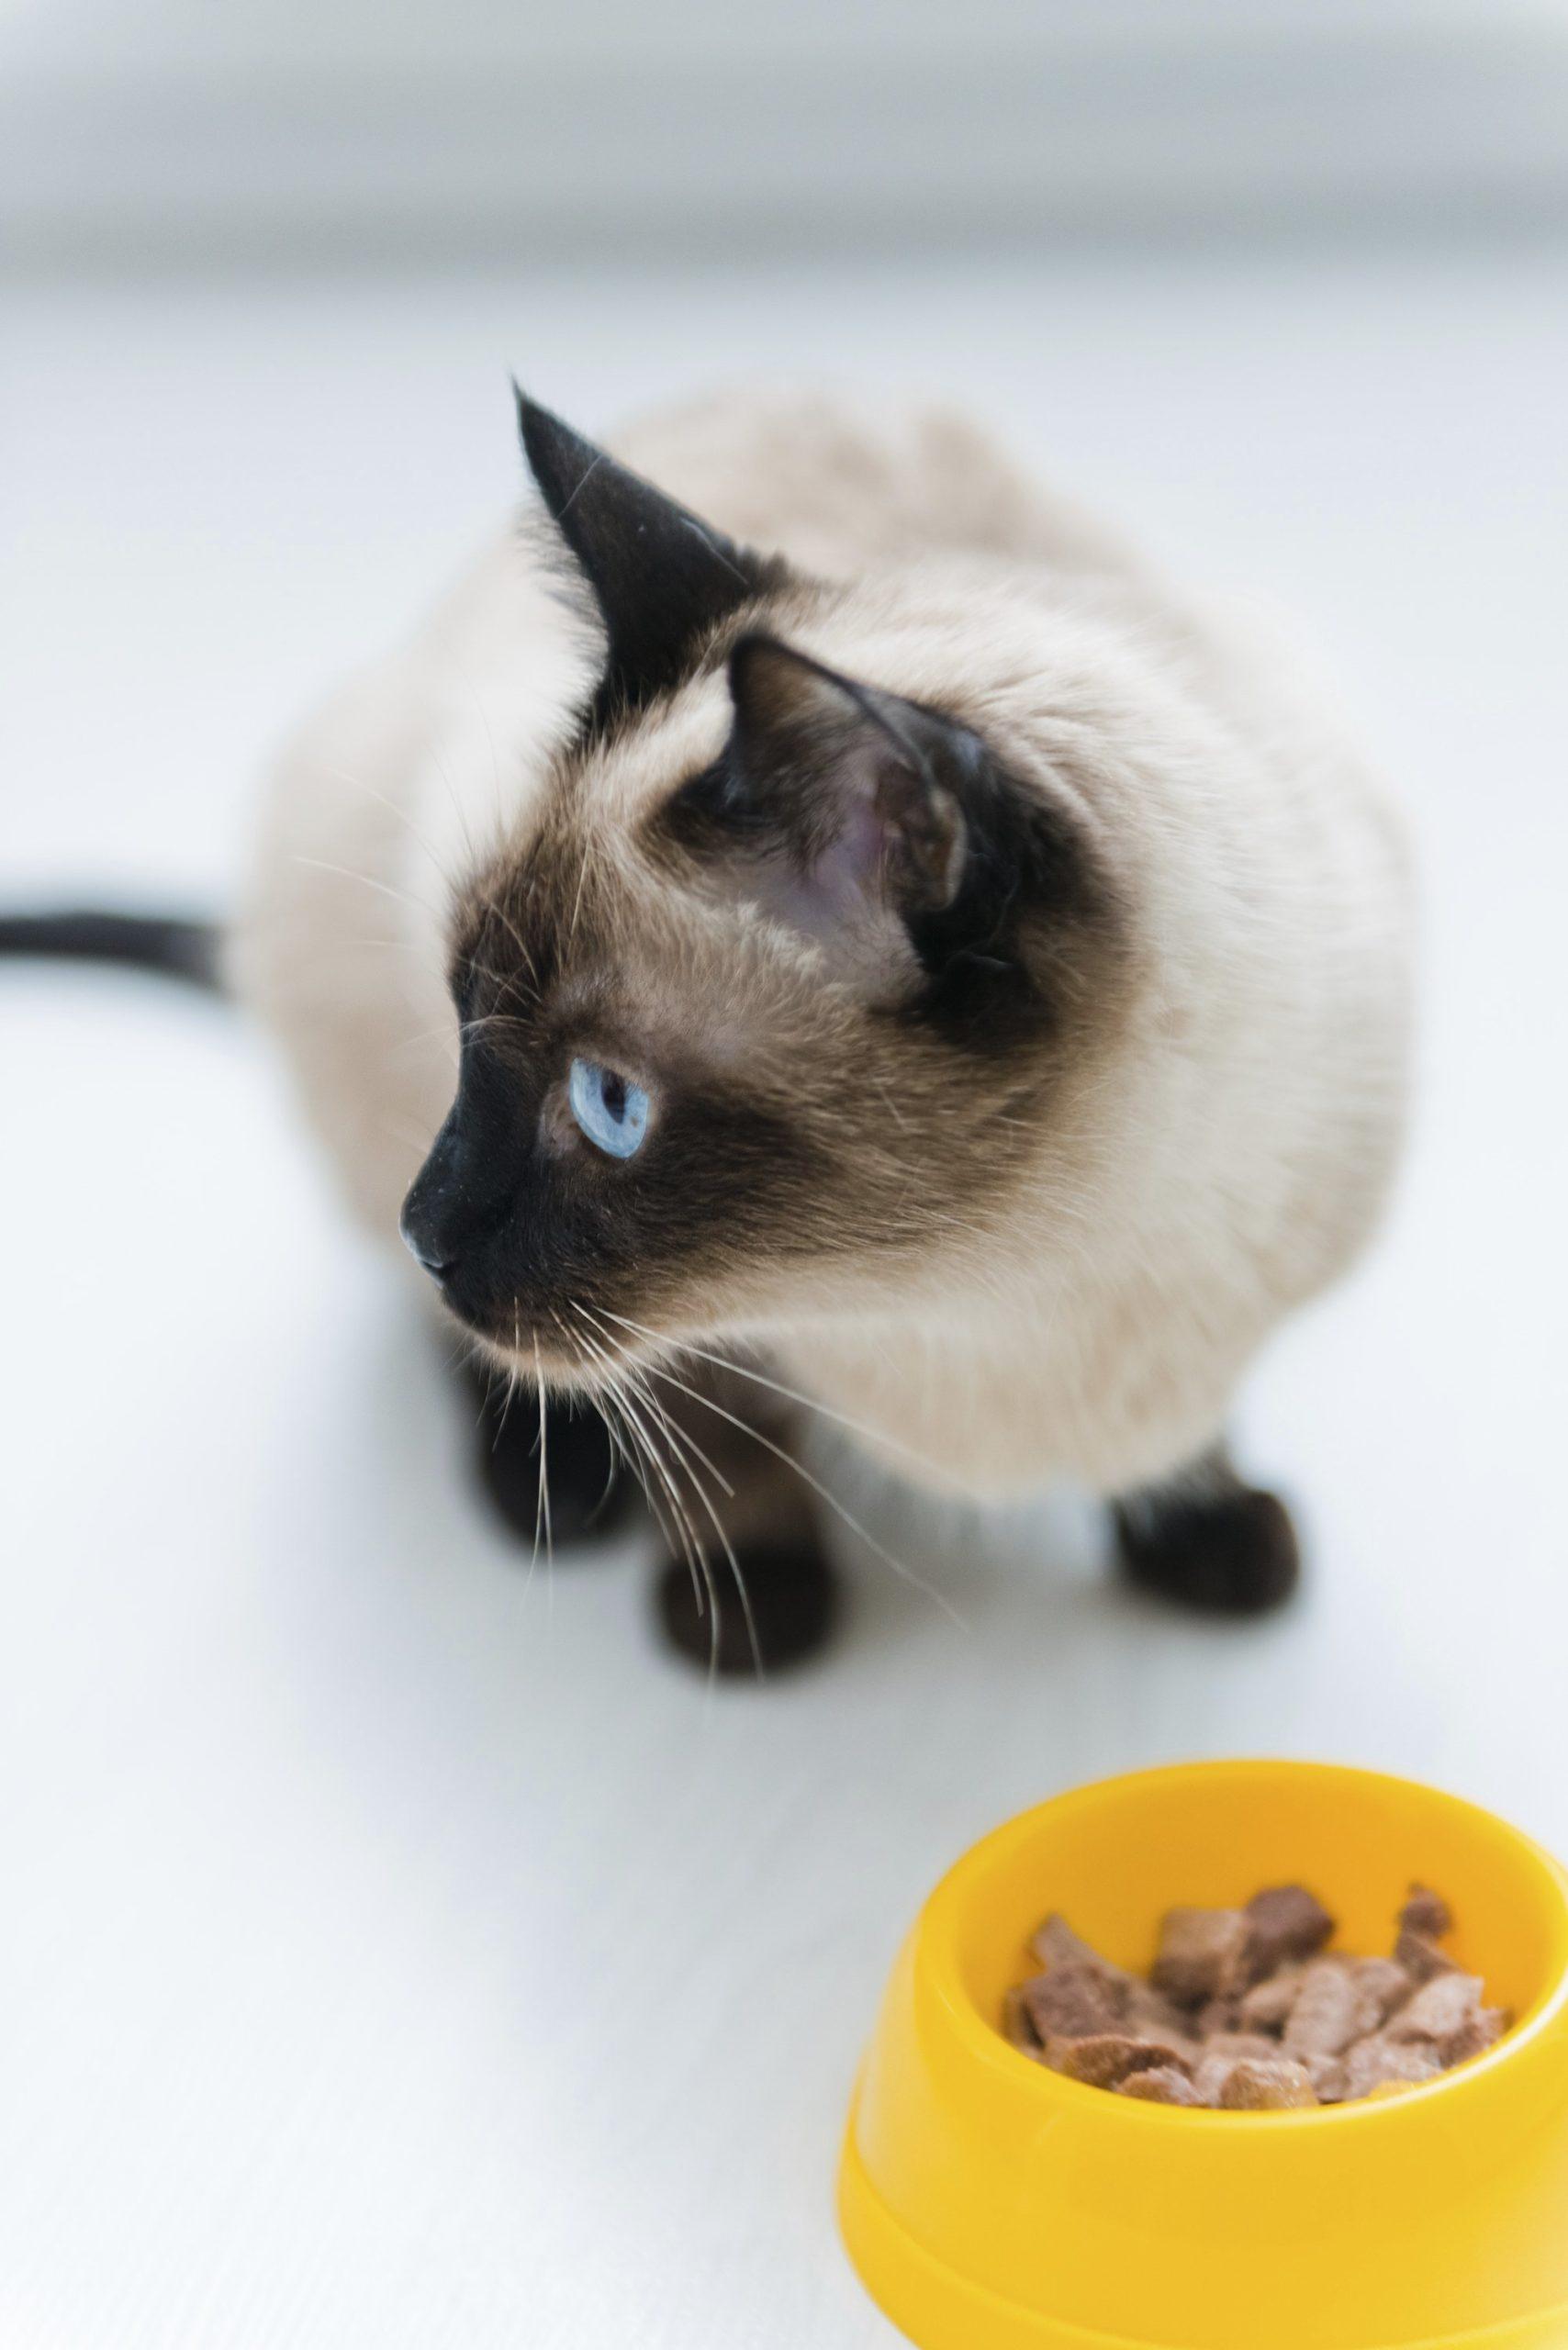 hepatic lipidosis in cats